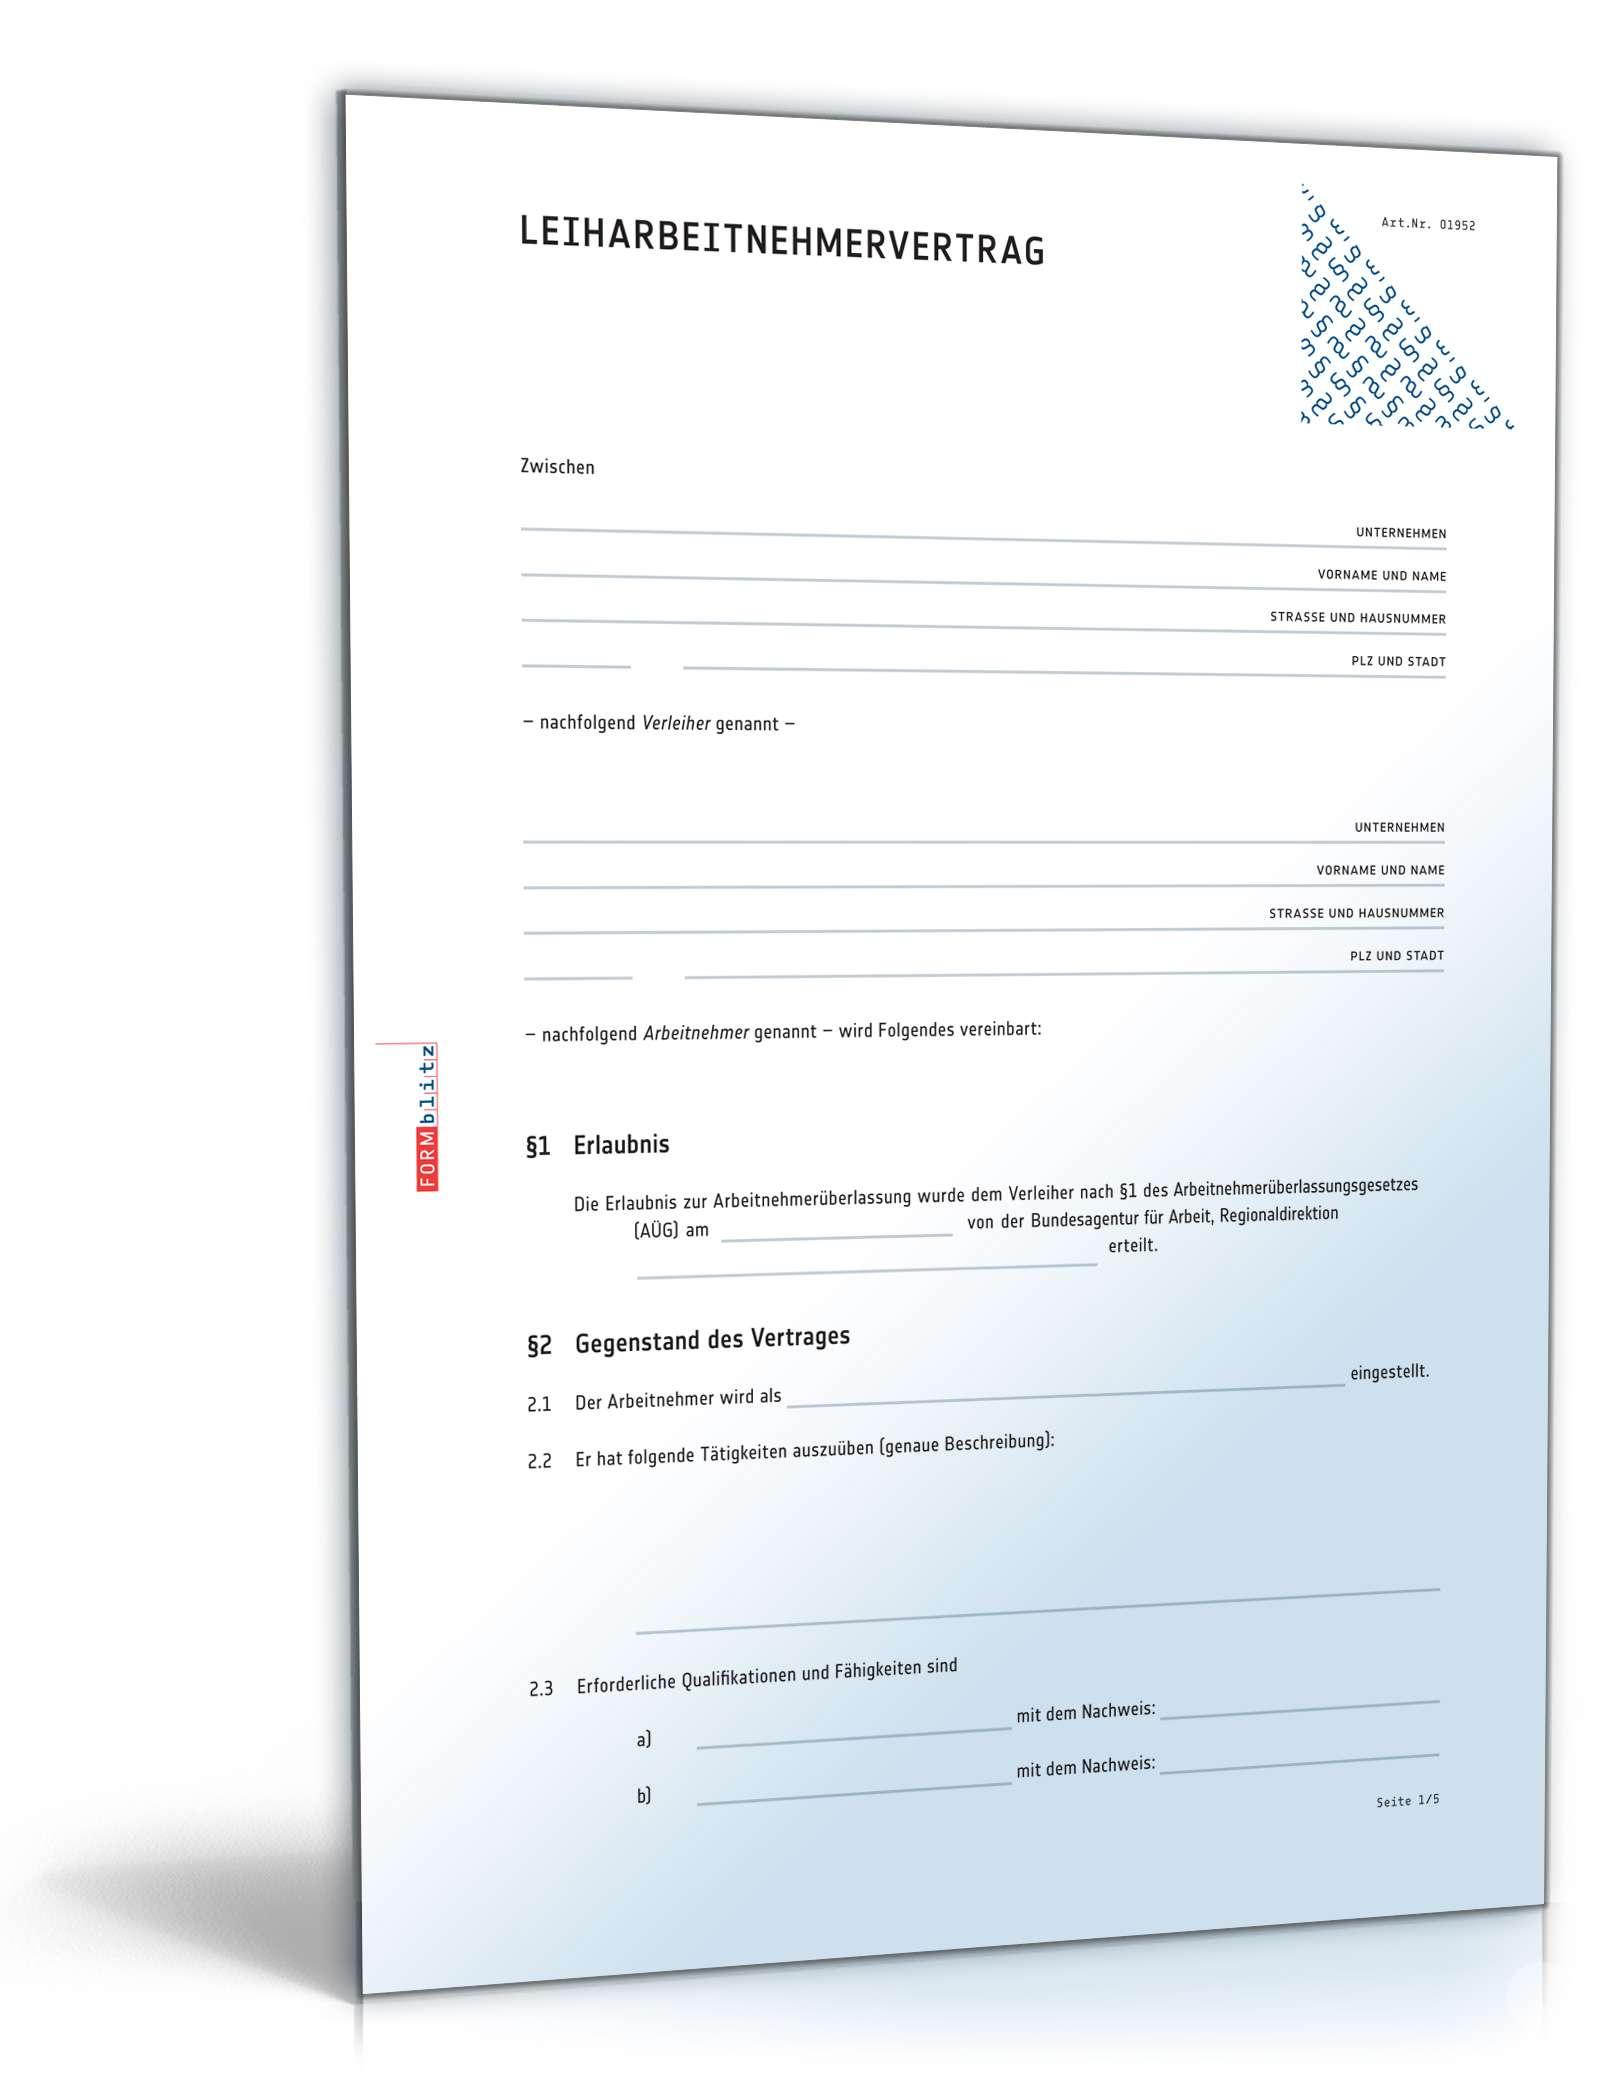 leiharbeitsvertrag rechtssicheres muster zum download - Arbeitnehmeruberlassungsvertrag Muster